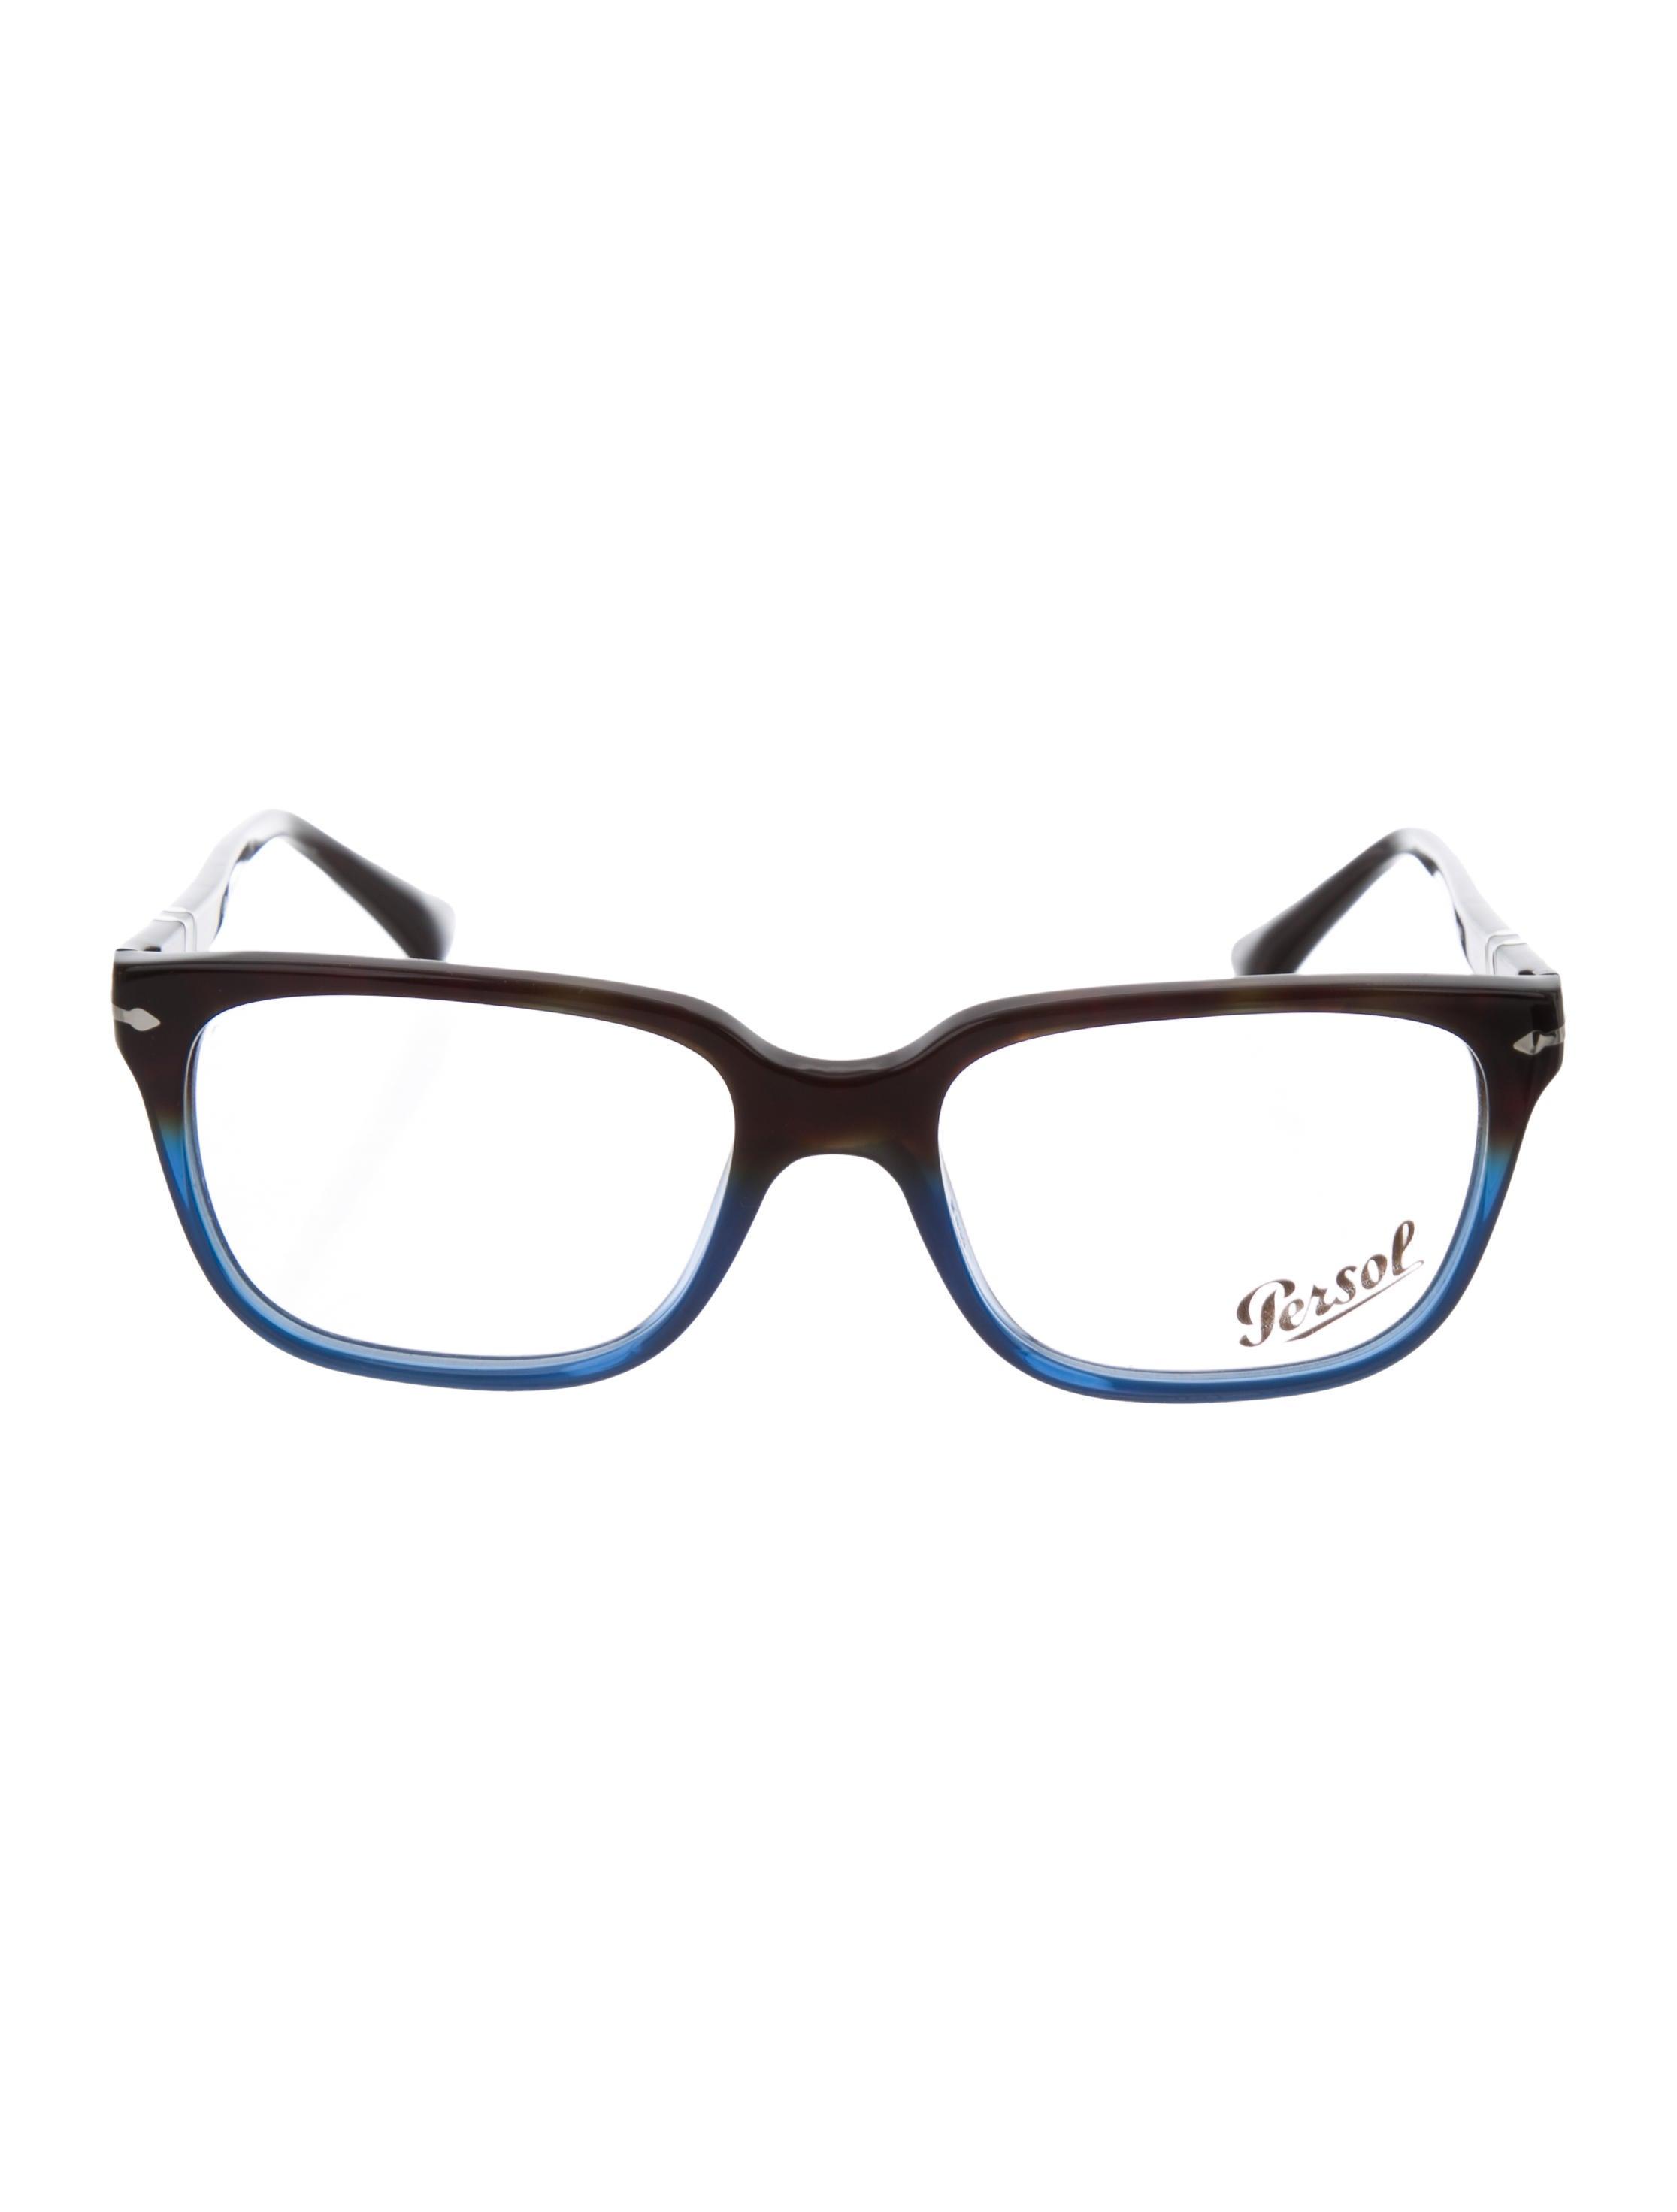 67c101ec74 Persol Square Resin Eyeglasses - Accessories - PRS21582